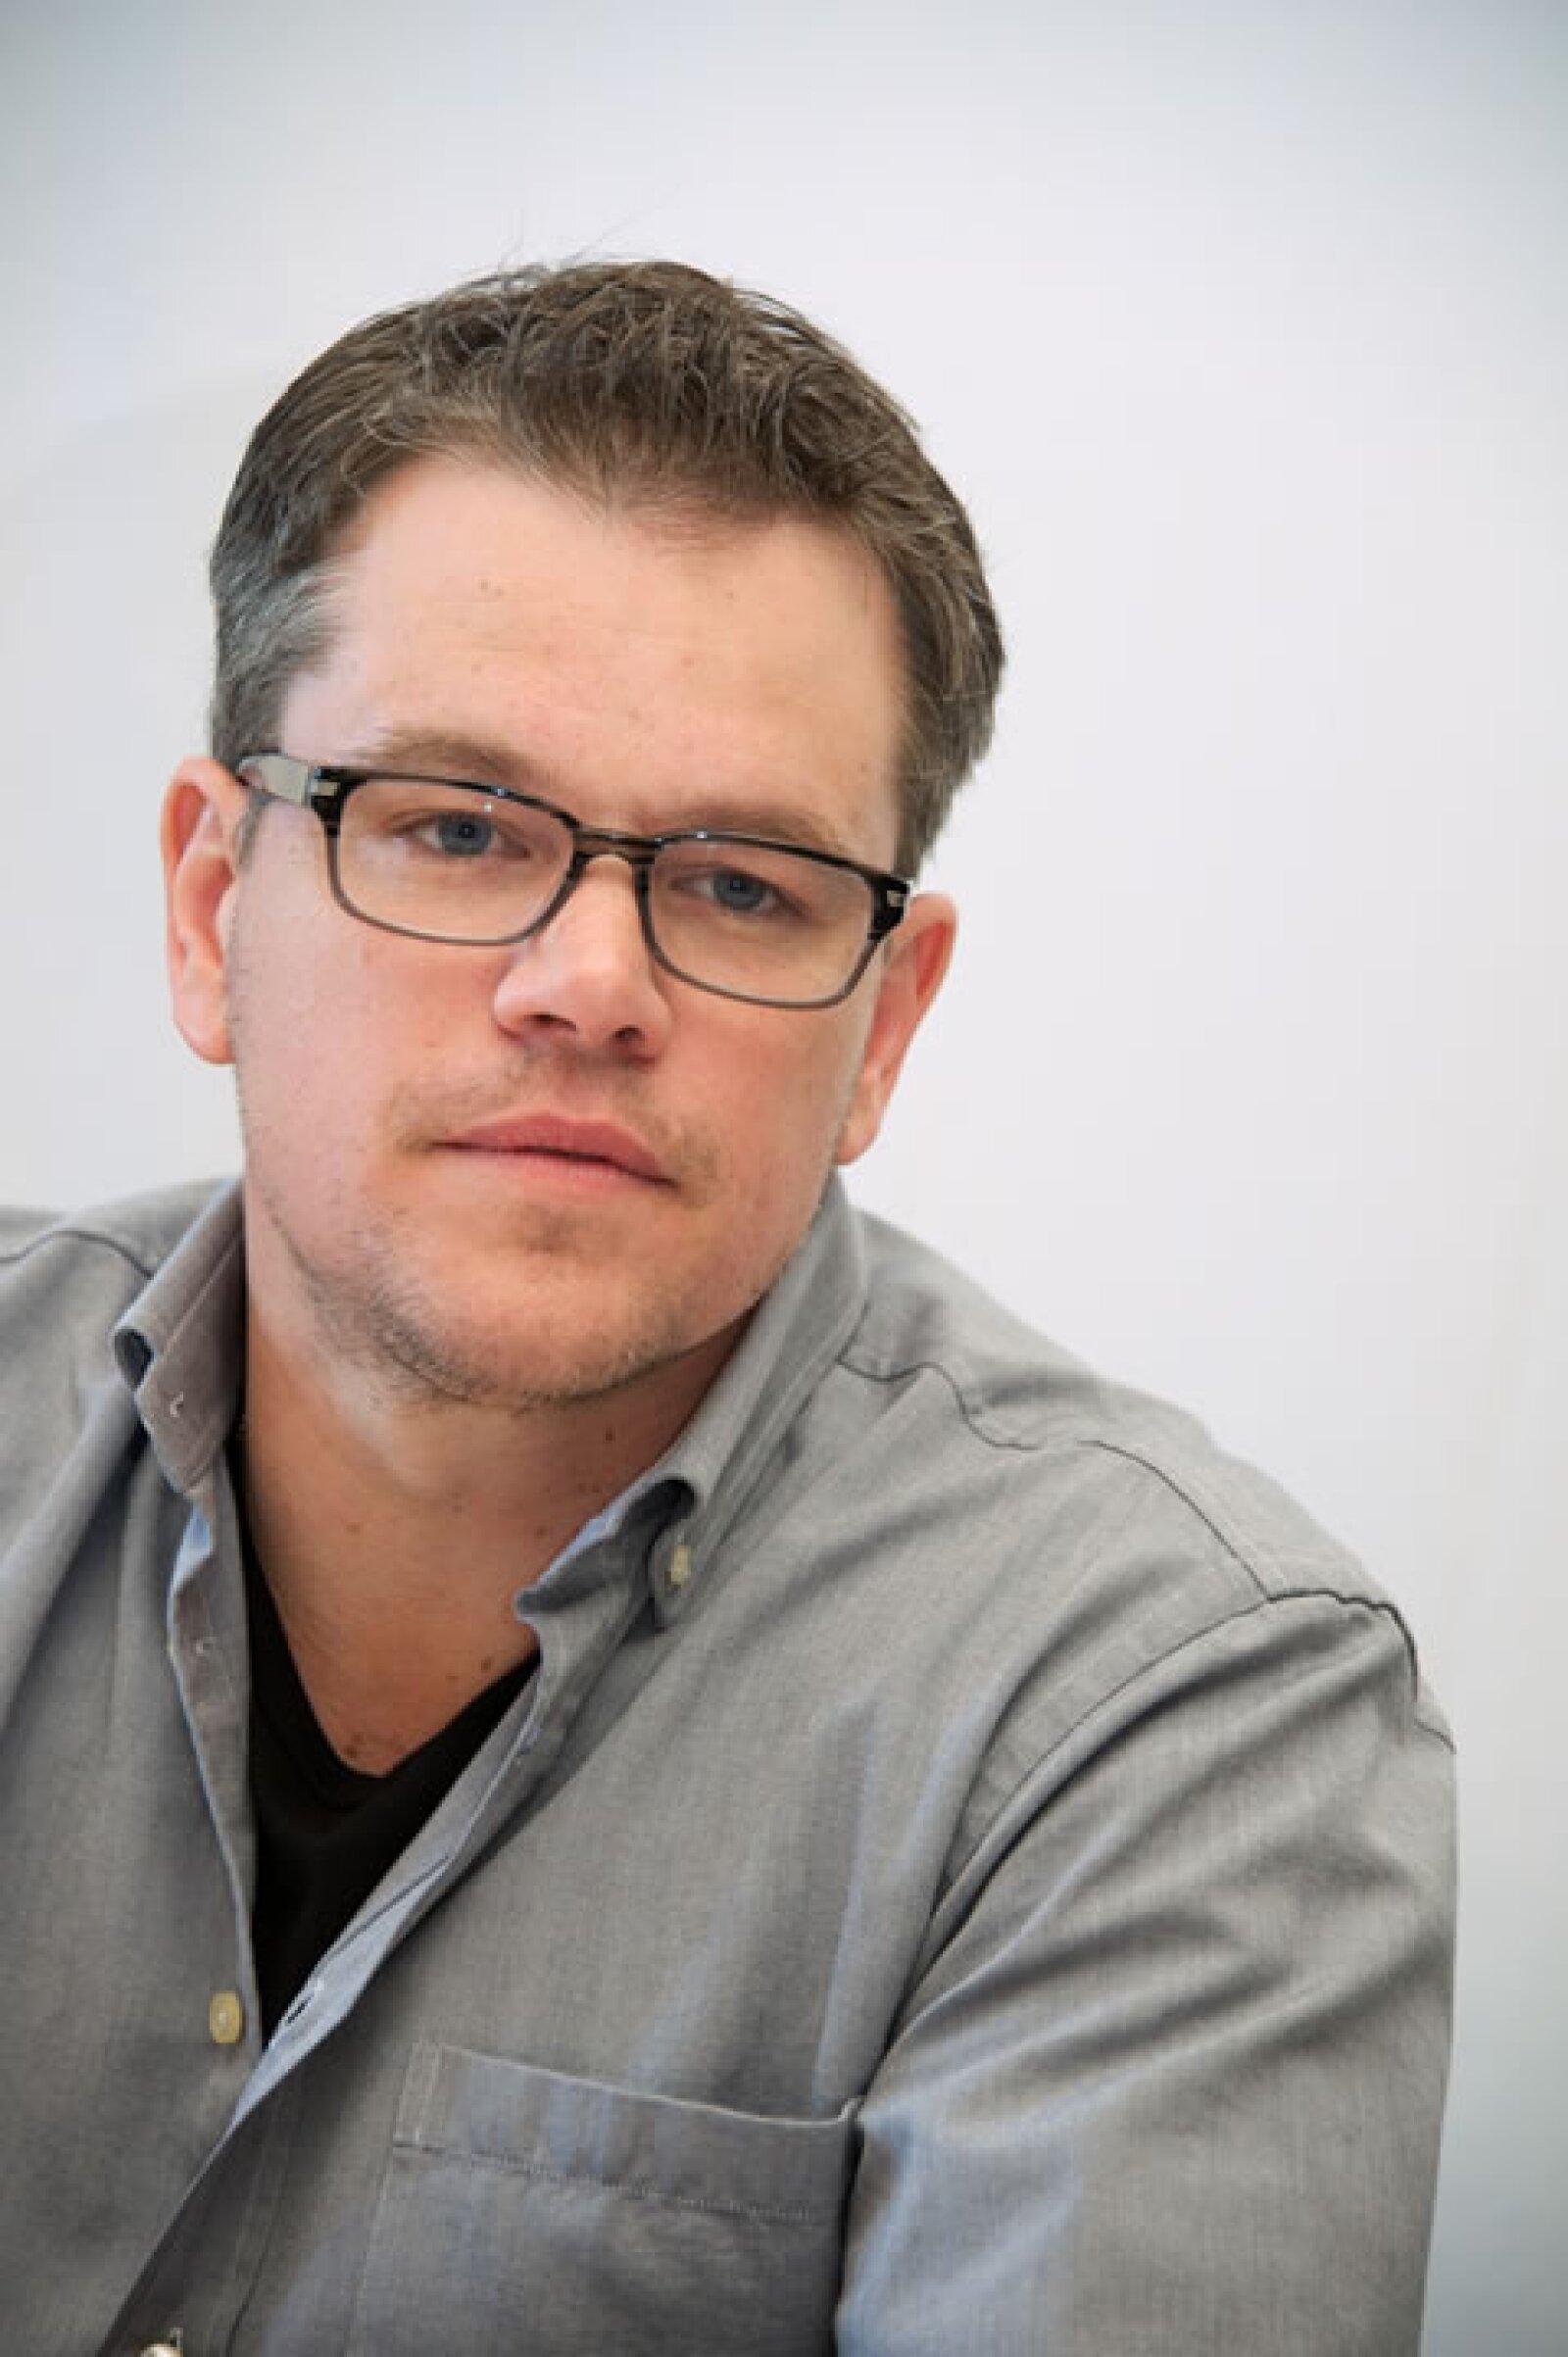 Matt Damon, aunque también pasó por Harvard no pudo concluir sus estudios, debido a que la actuación acaparó toda su atención.